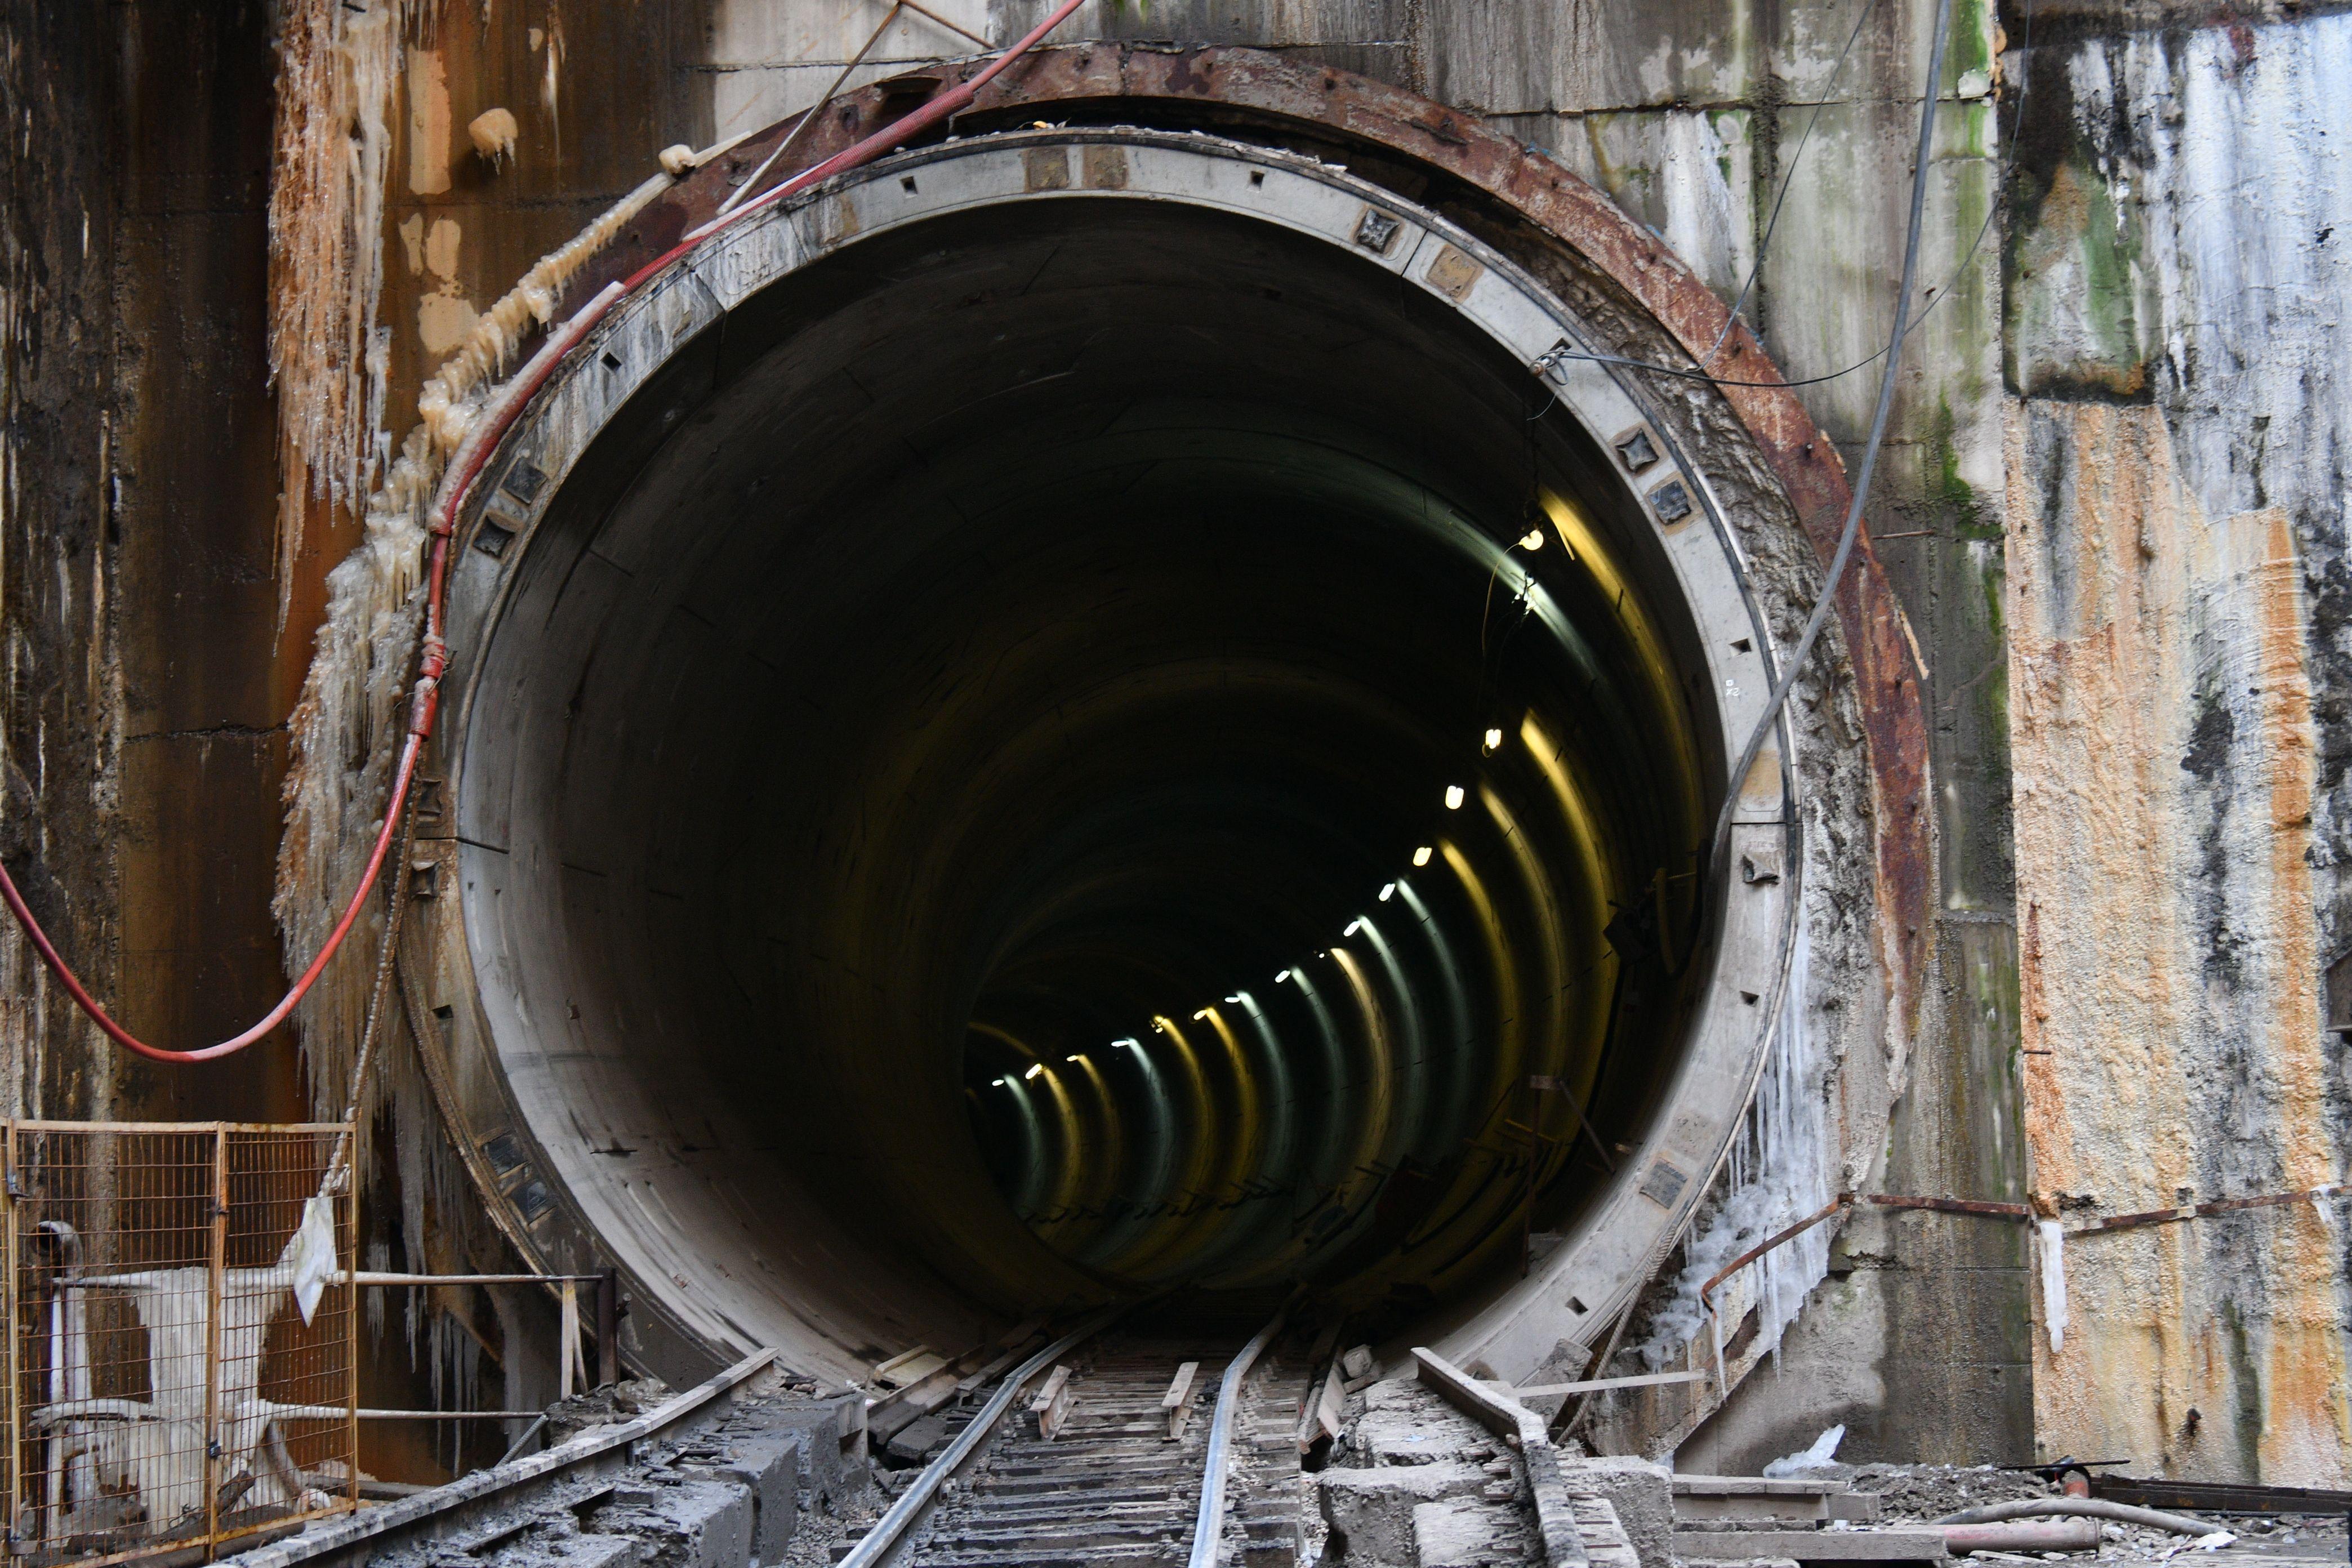 Метро Москвы откроет Рублево-Архангельскую линию в 2025 году